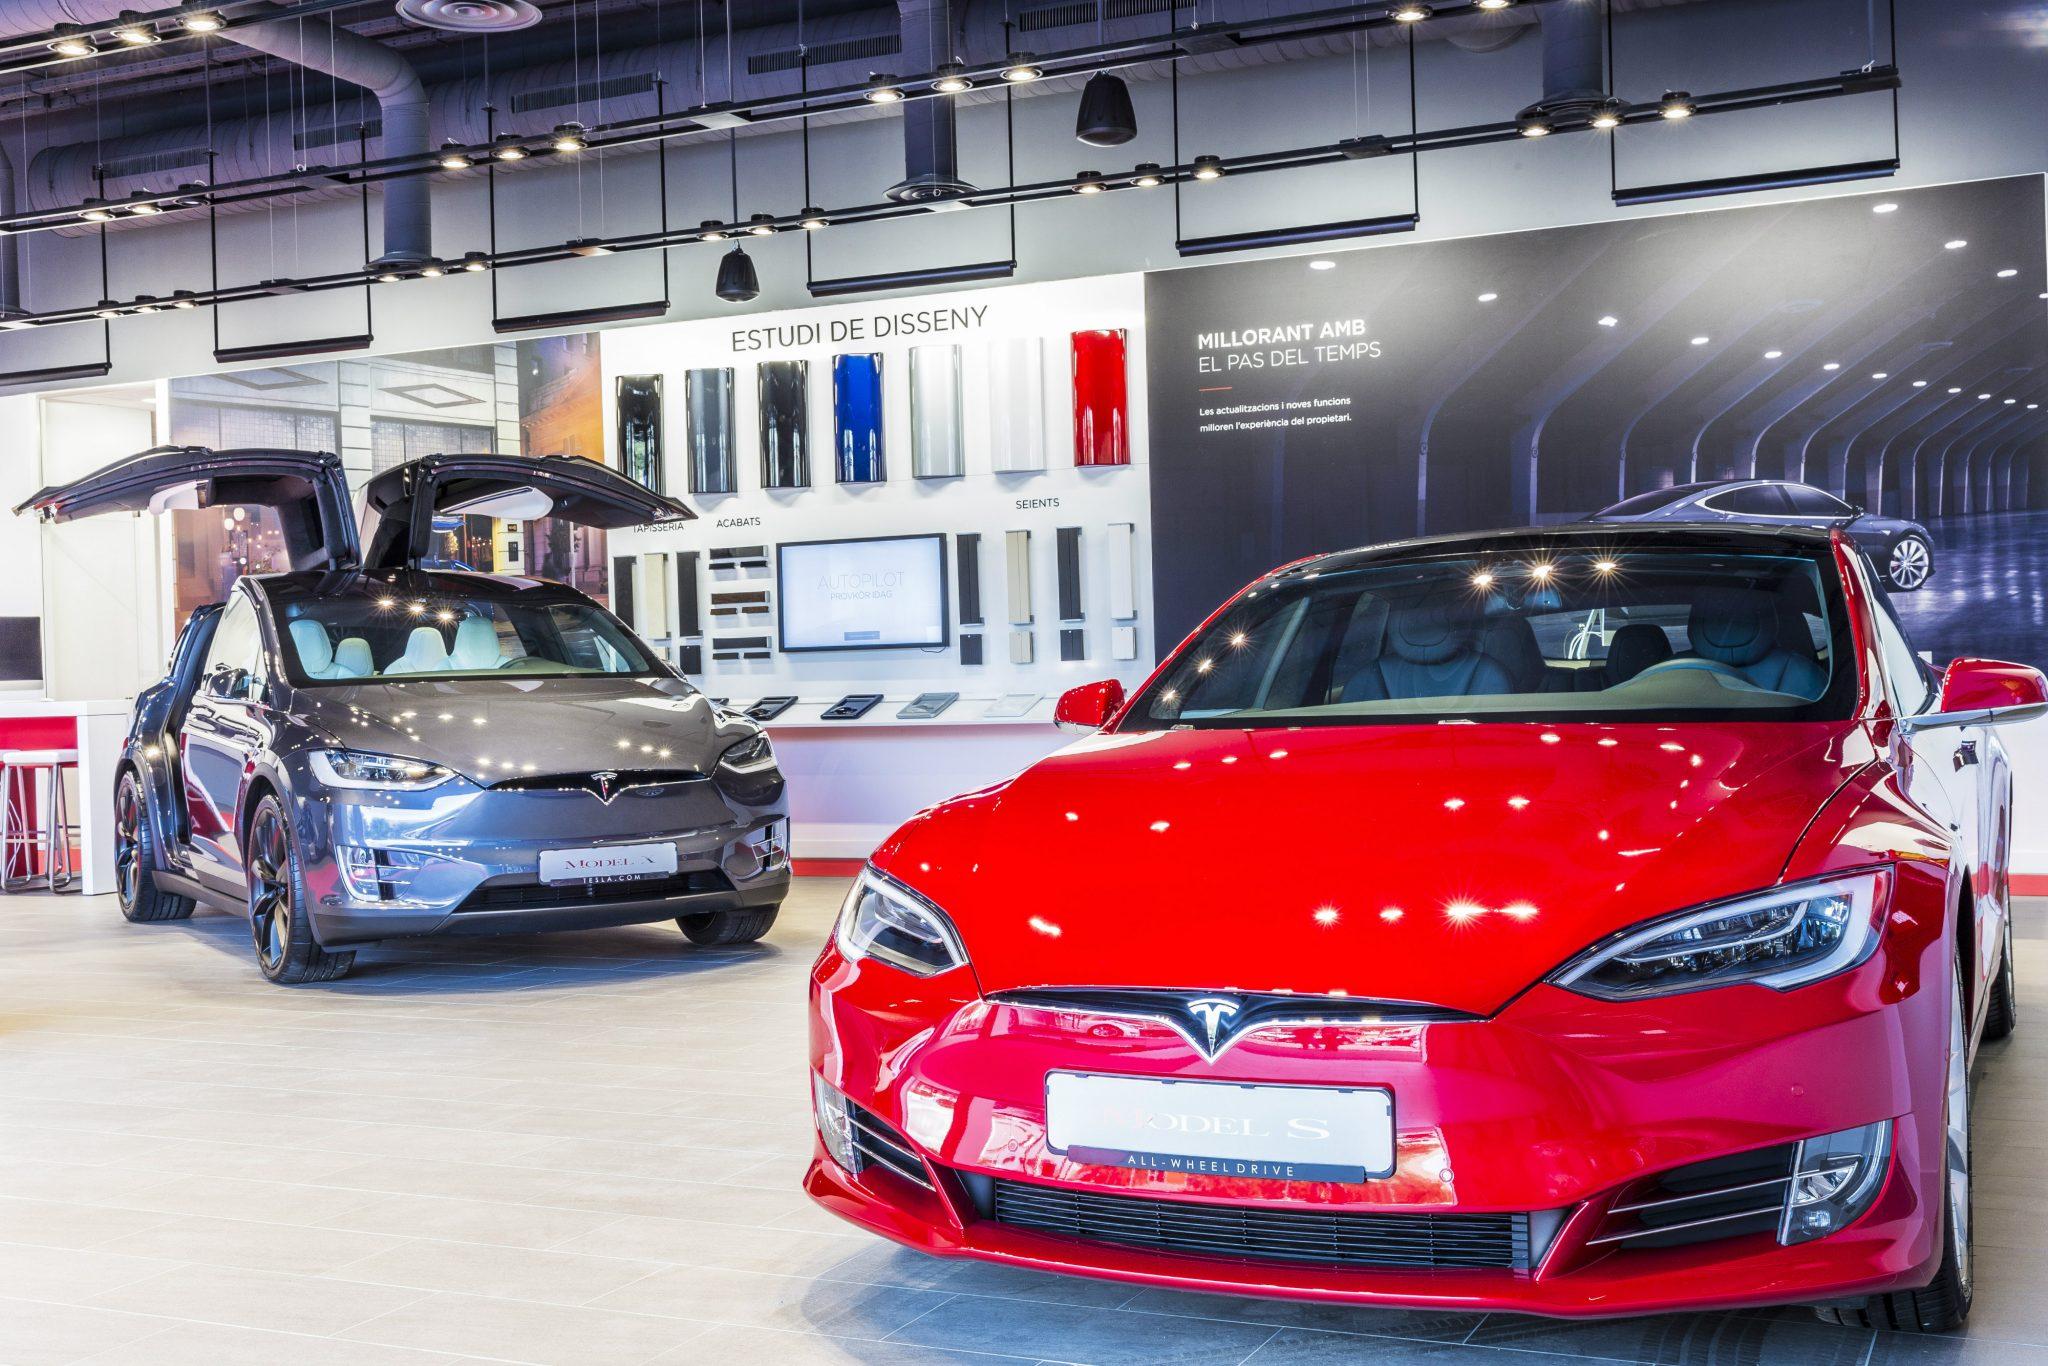 Tesla abre su primer taller en Barcelona: El próximo taller se abrirá en Madrid